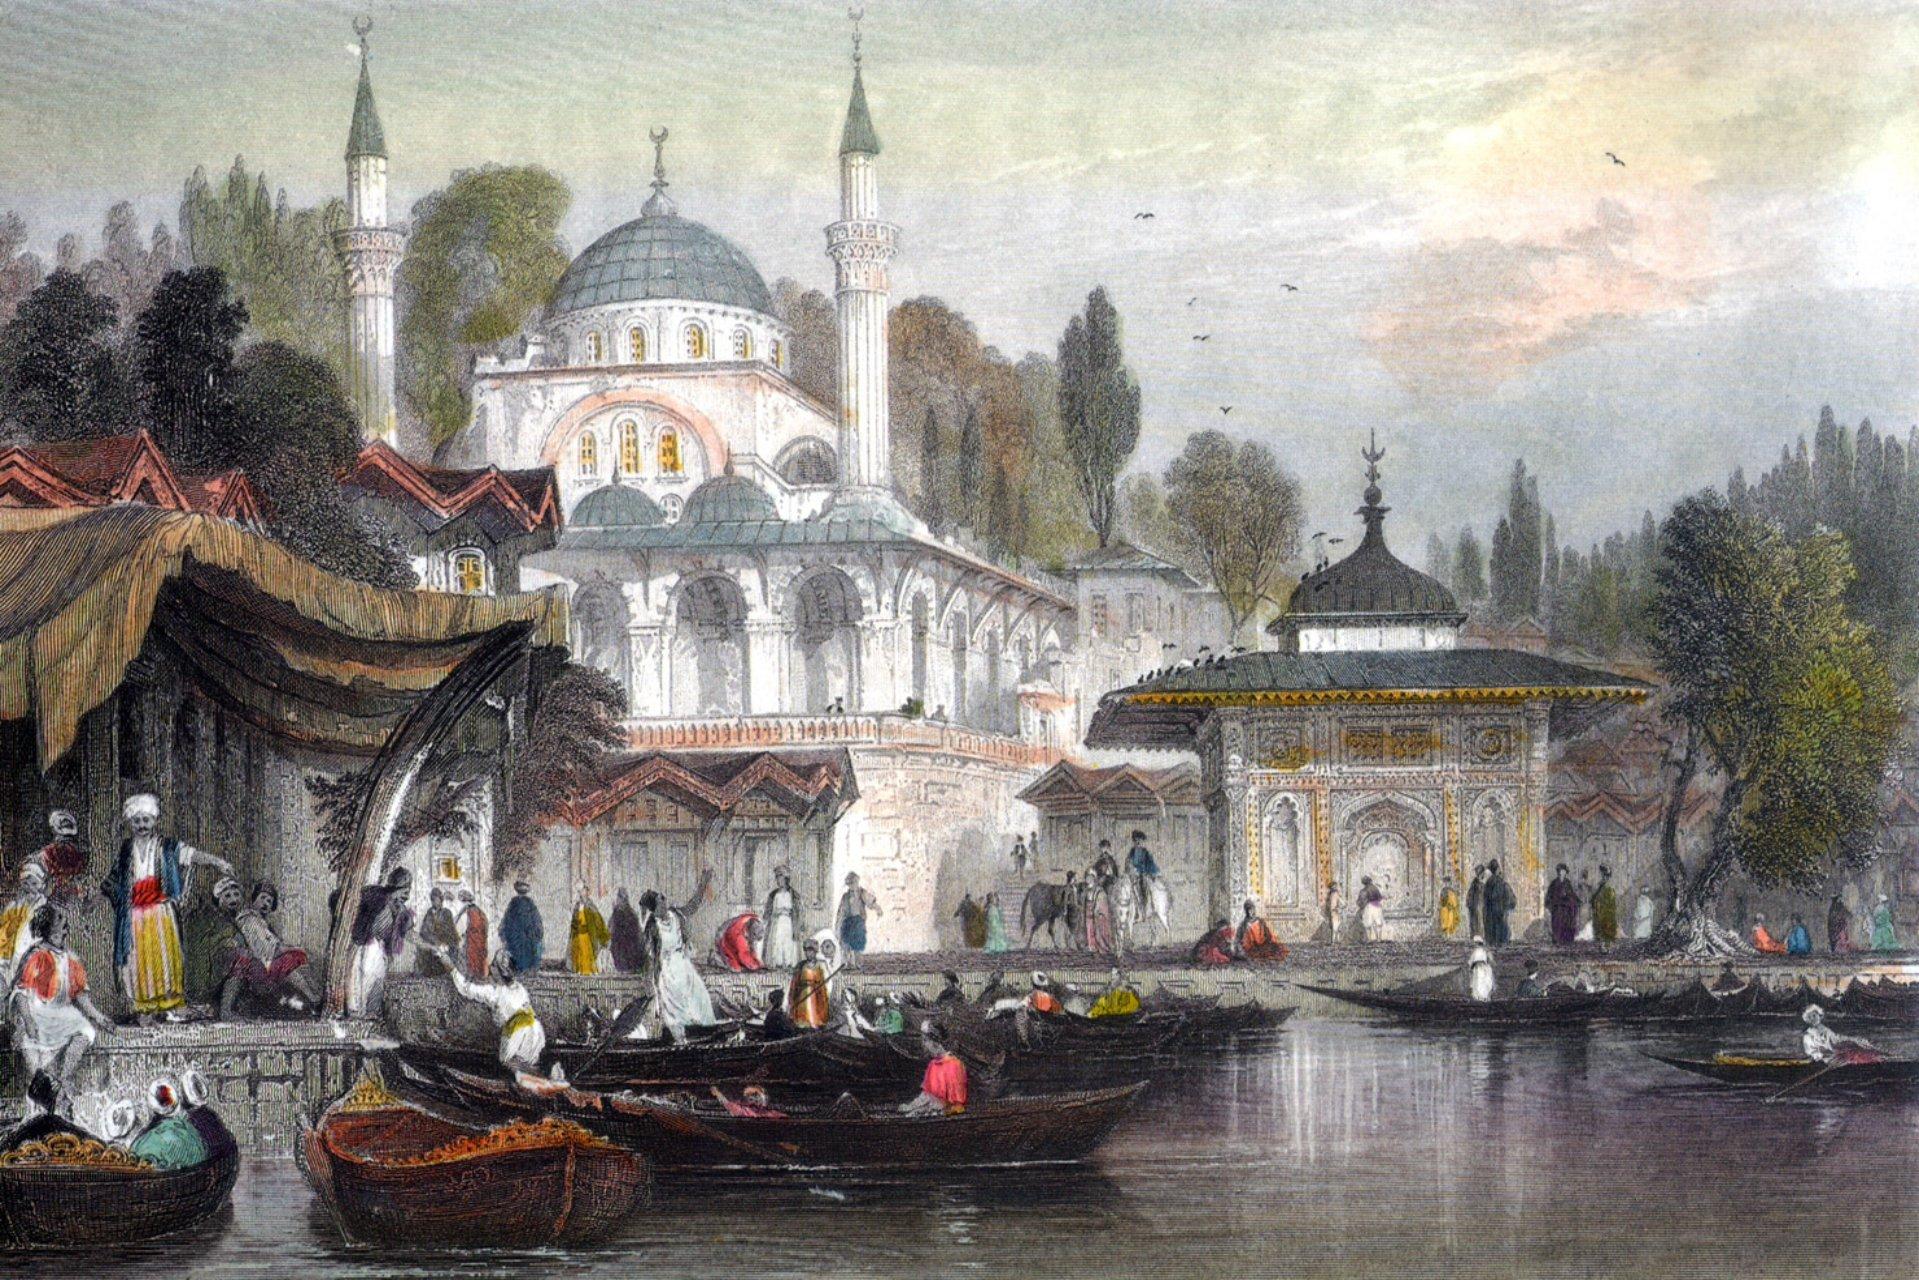 Osmanlı İmparatorluğu Eğlence Mutfak Sanat Ve Kültürü Osmanlı Devletinde Kültür Sanat Mimari Alanı Gelişmeler